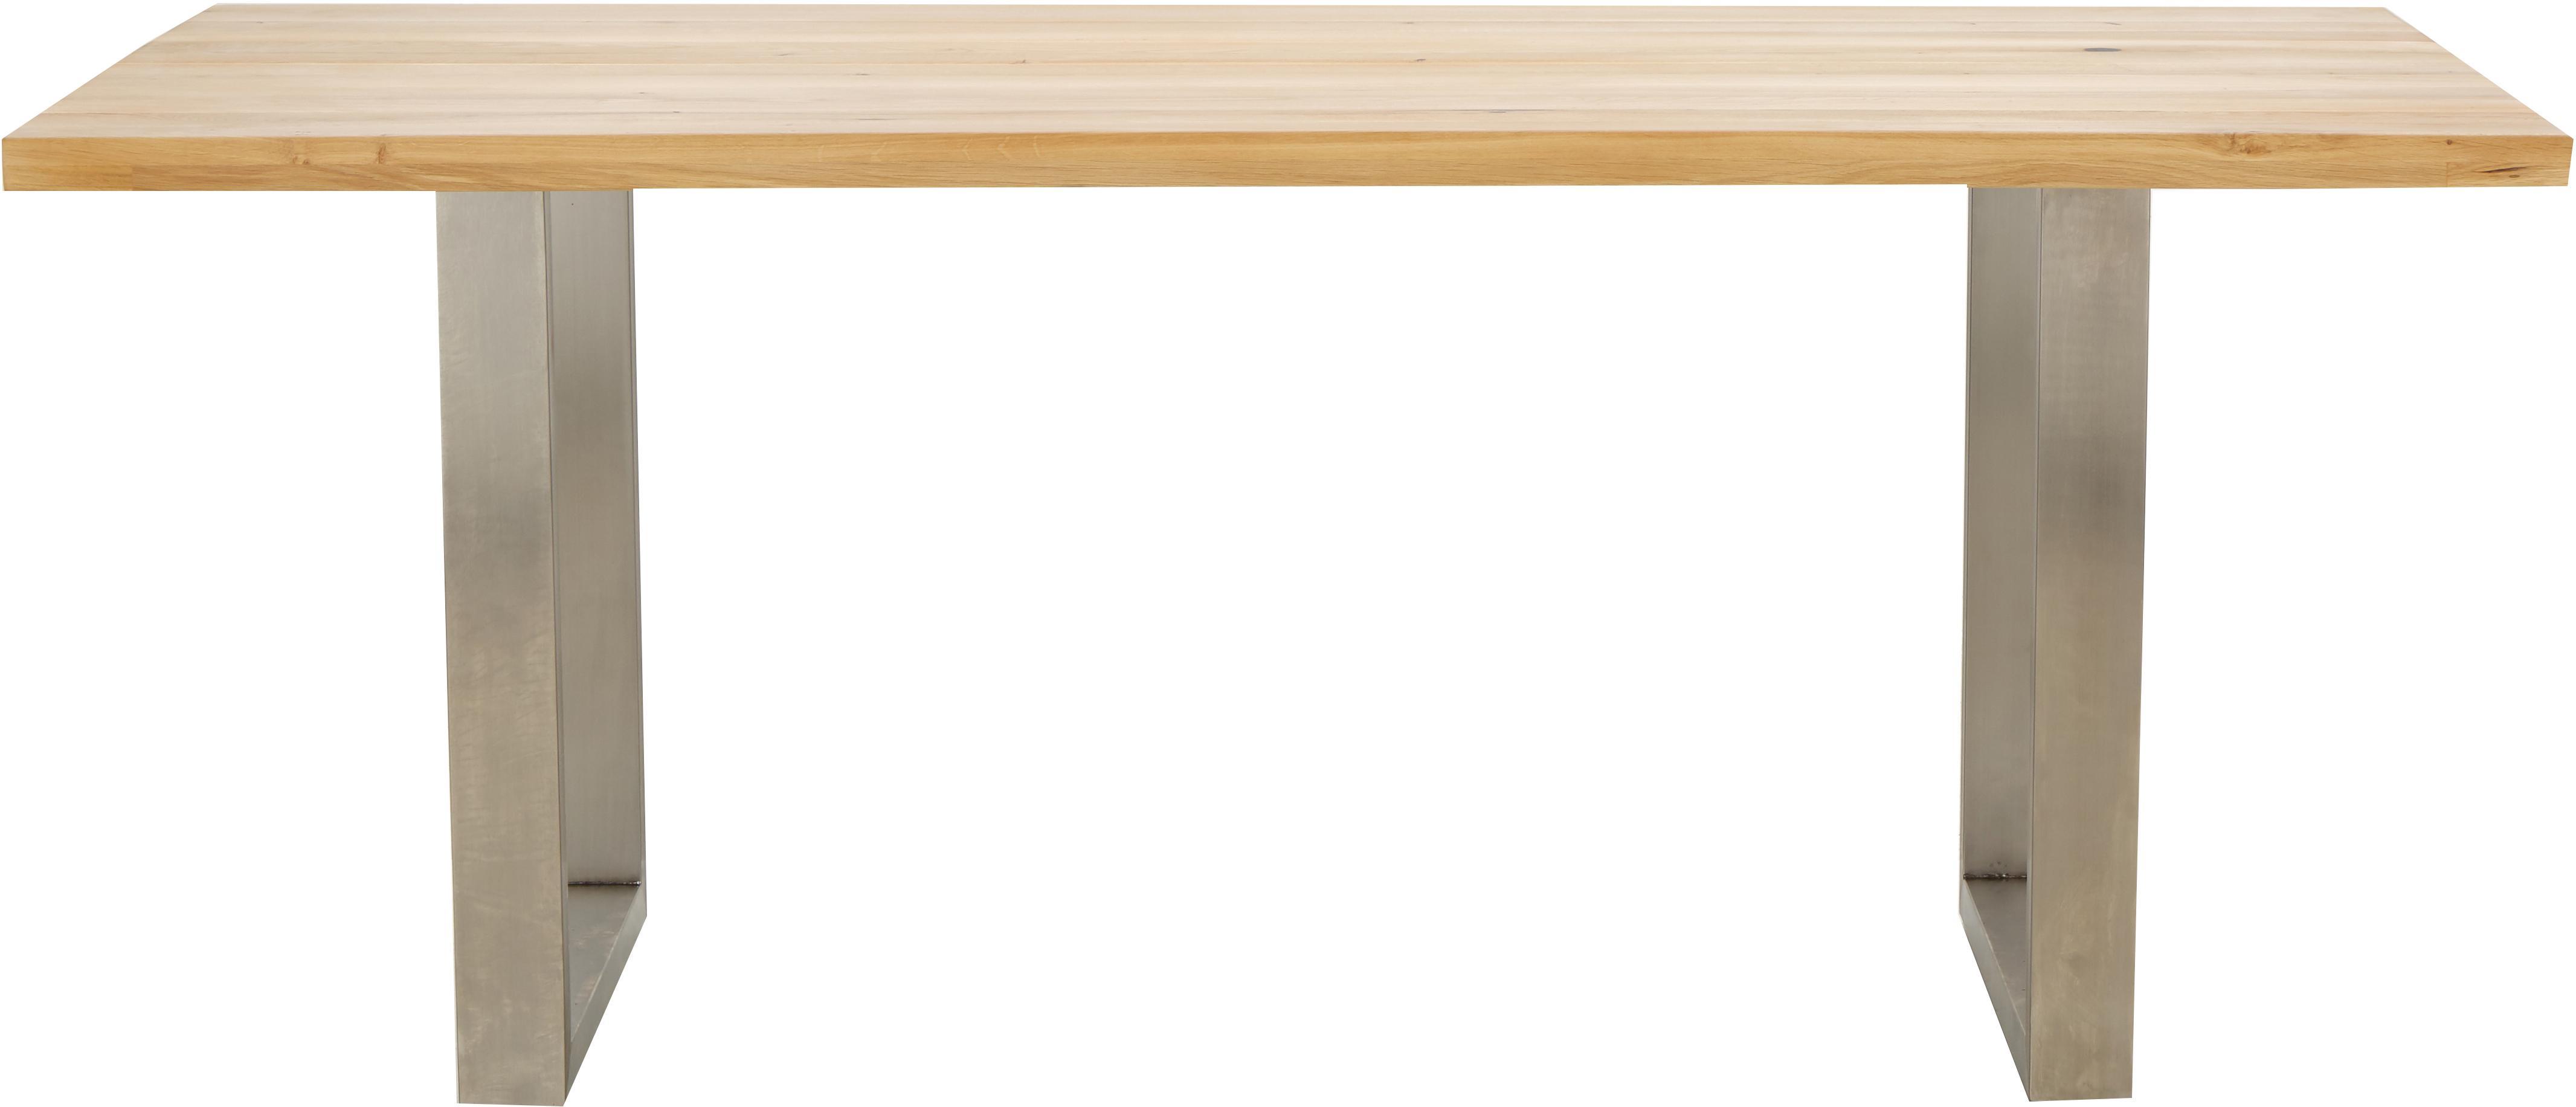 Tavolo con piano in legno massello Oliver, Piano d'appoggio: quercia selvatica europea, Gambe: opaco spazzolato acciaio , Piano d'appoggio: quercia selvatica Gambe: bianco, Larg. 180 x Prof. 90 cm